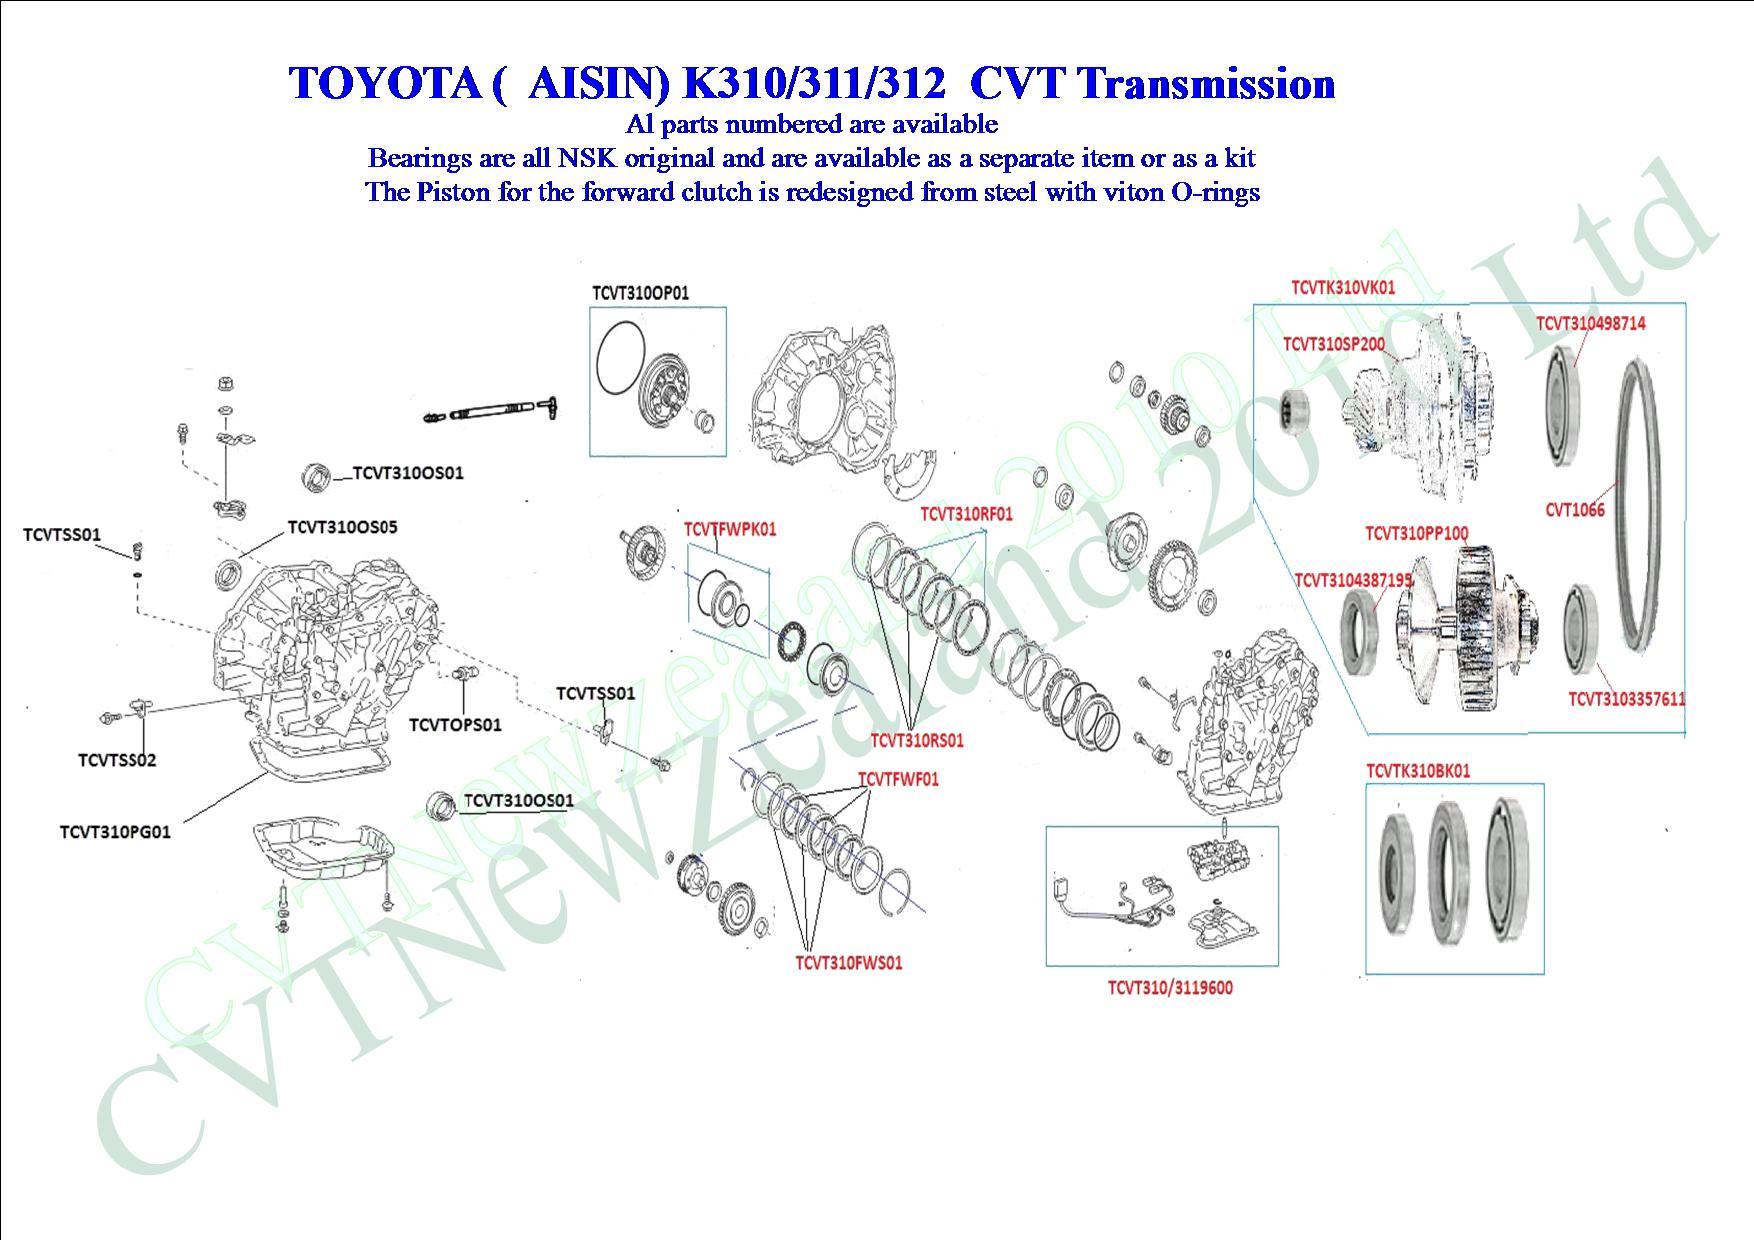 Toyota CVT - K310 CVT Transmission - Page 1 - CVT Parts Limited